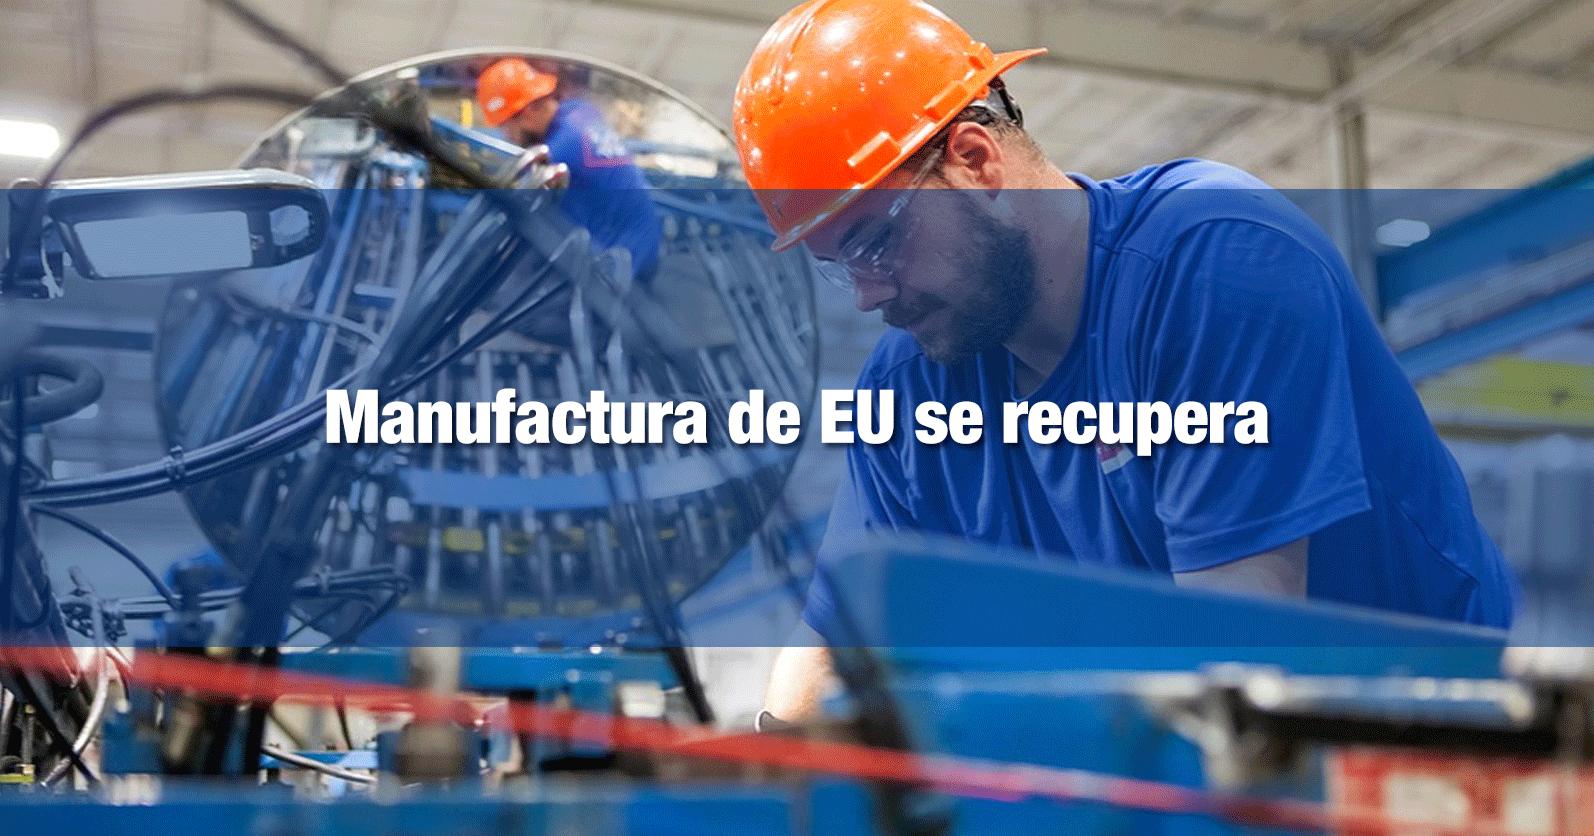 Manufactura de EU se recupera